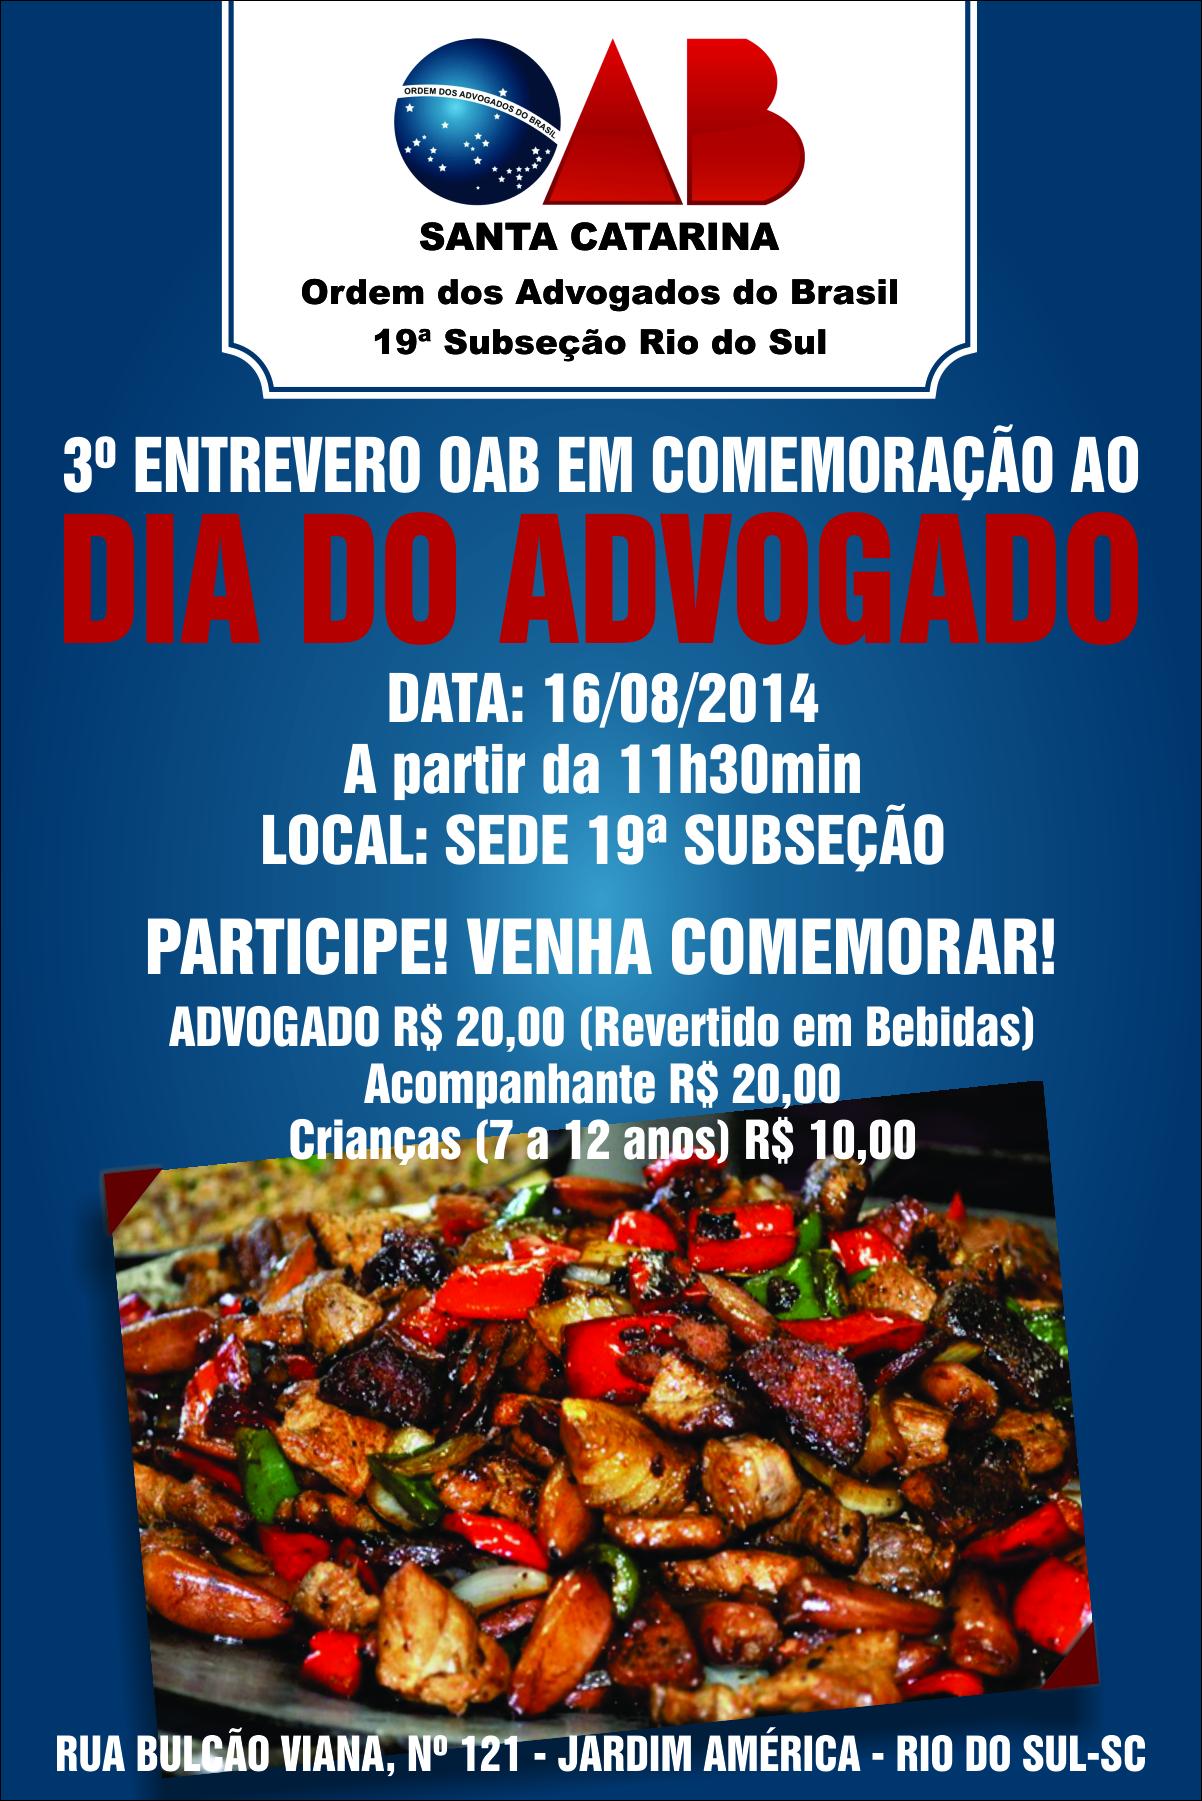 OAB Rio do Sul - Cartaz - 23072013